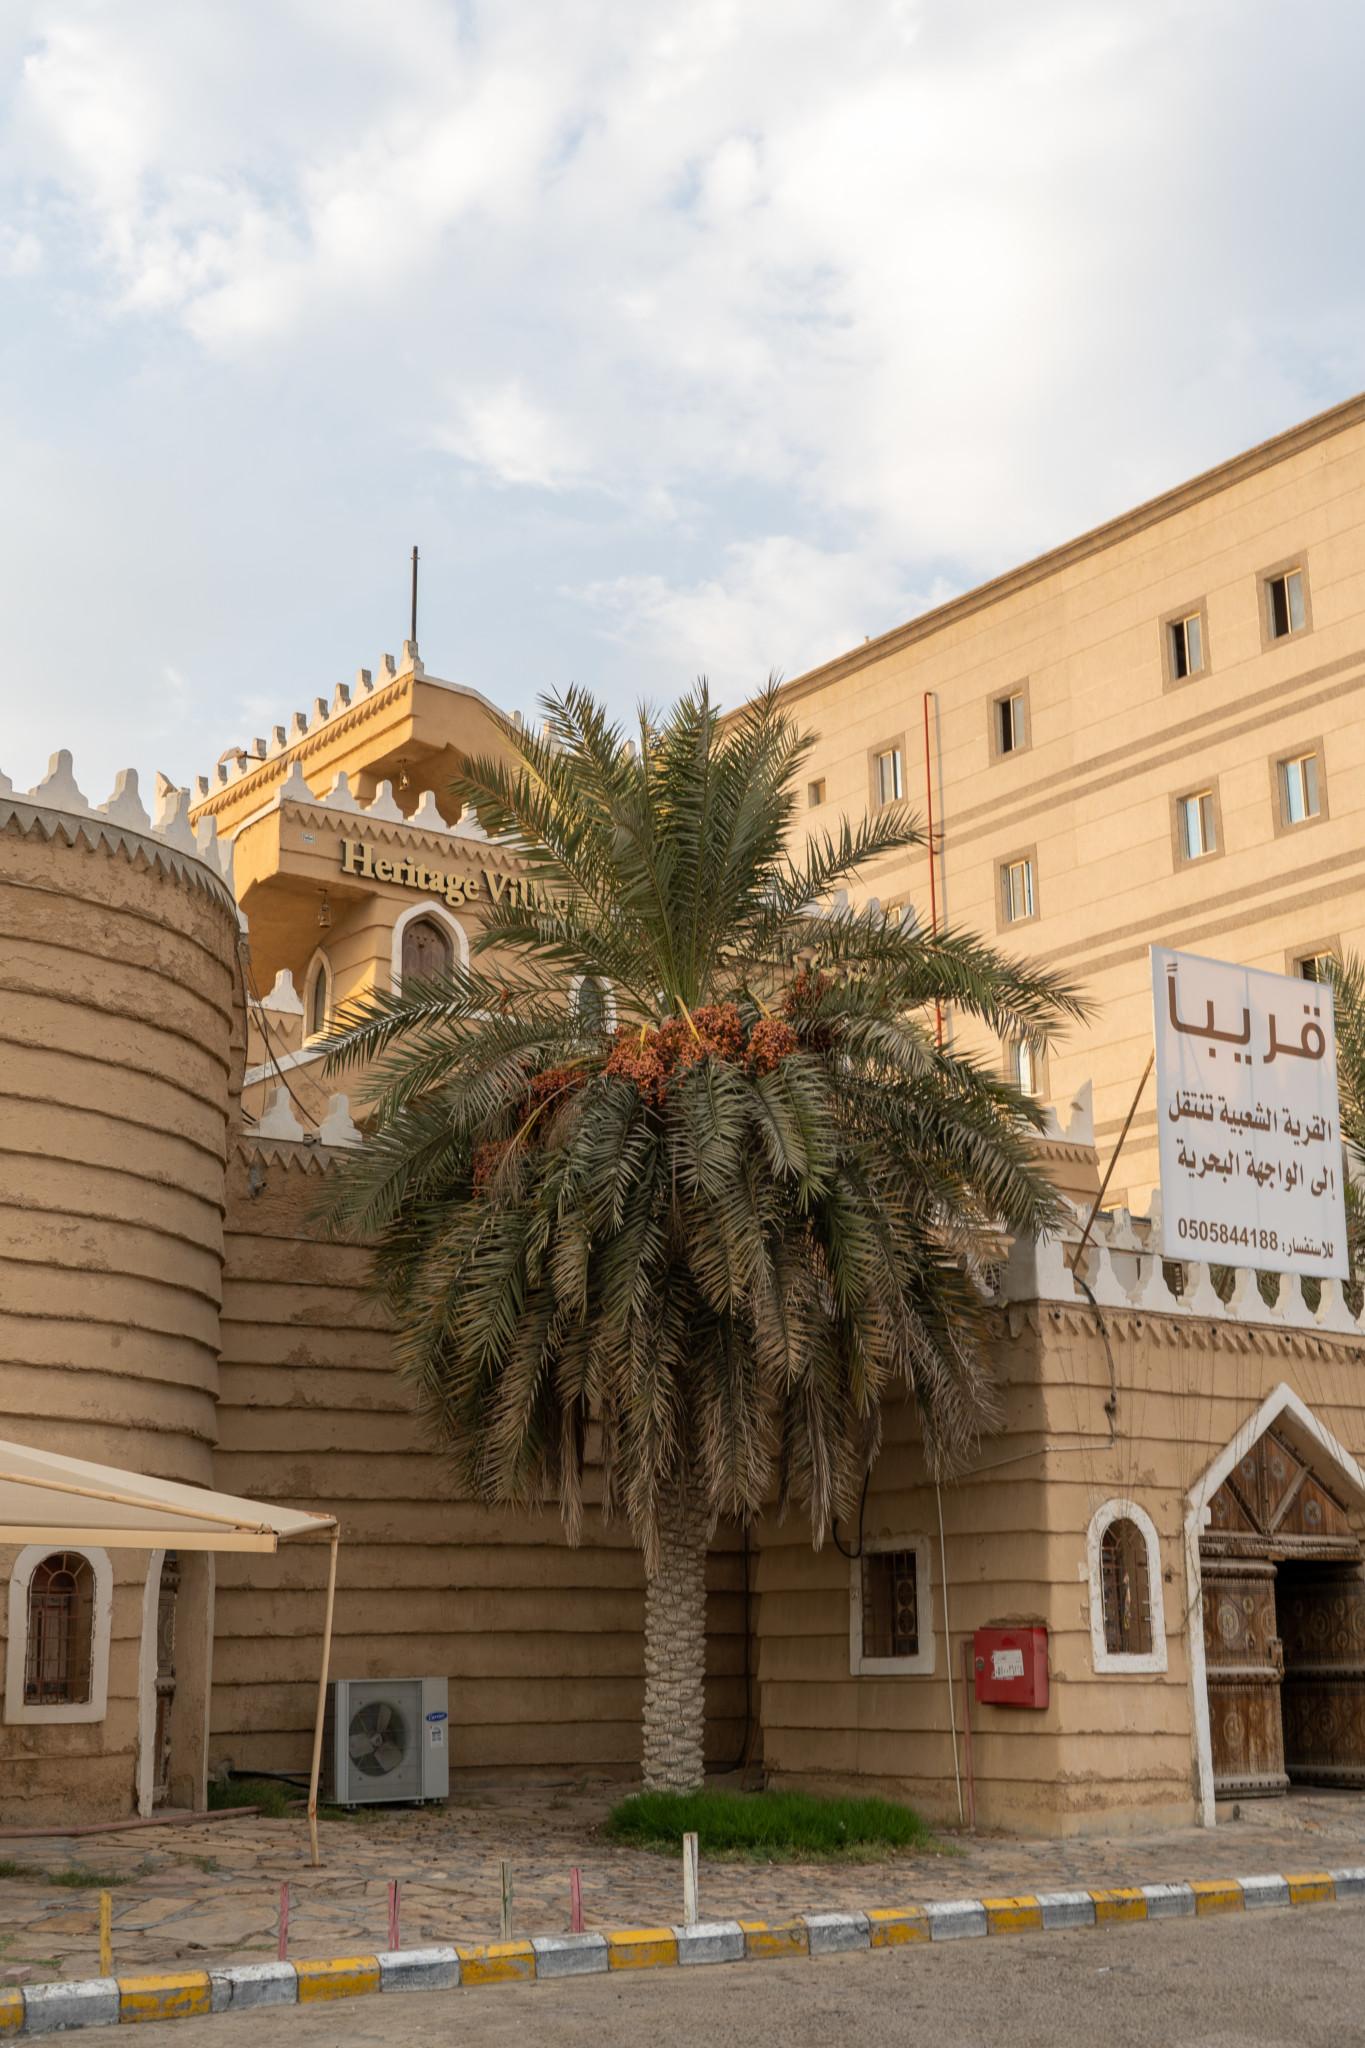 Zu den Sehenswürdigkeiten in Dammam gehört auch das Heritage Village